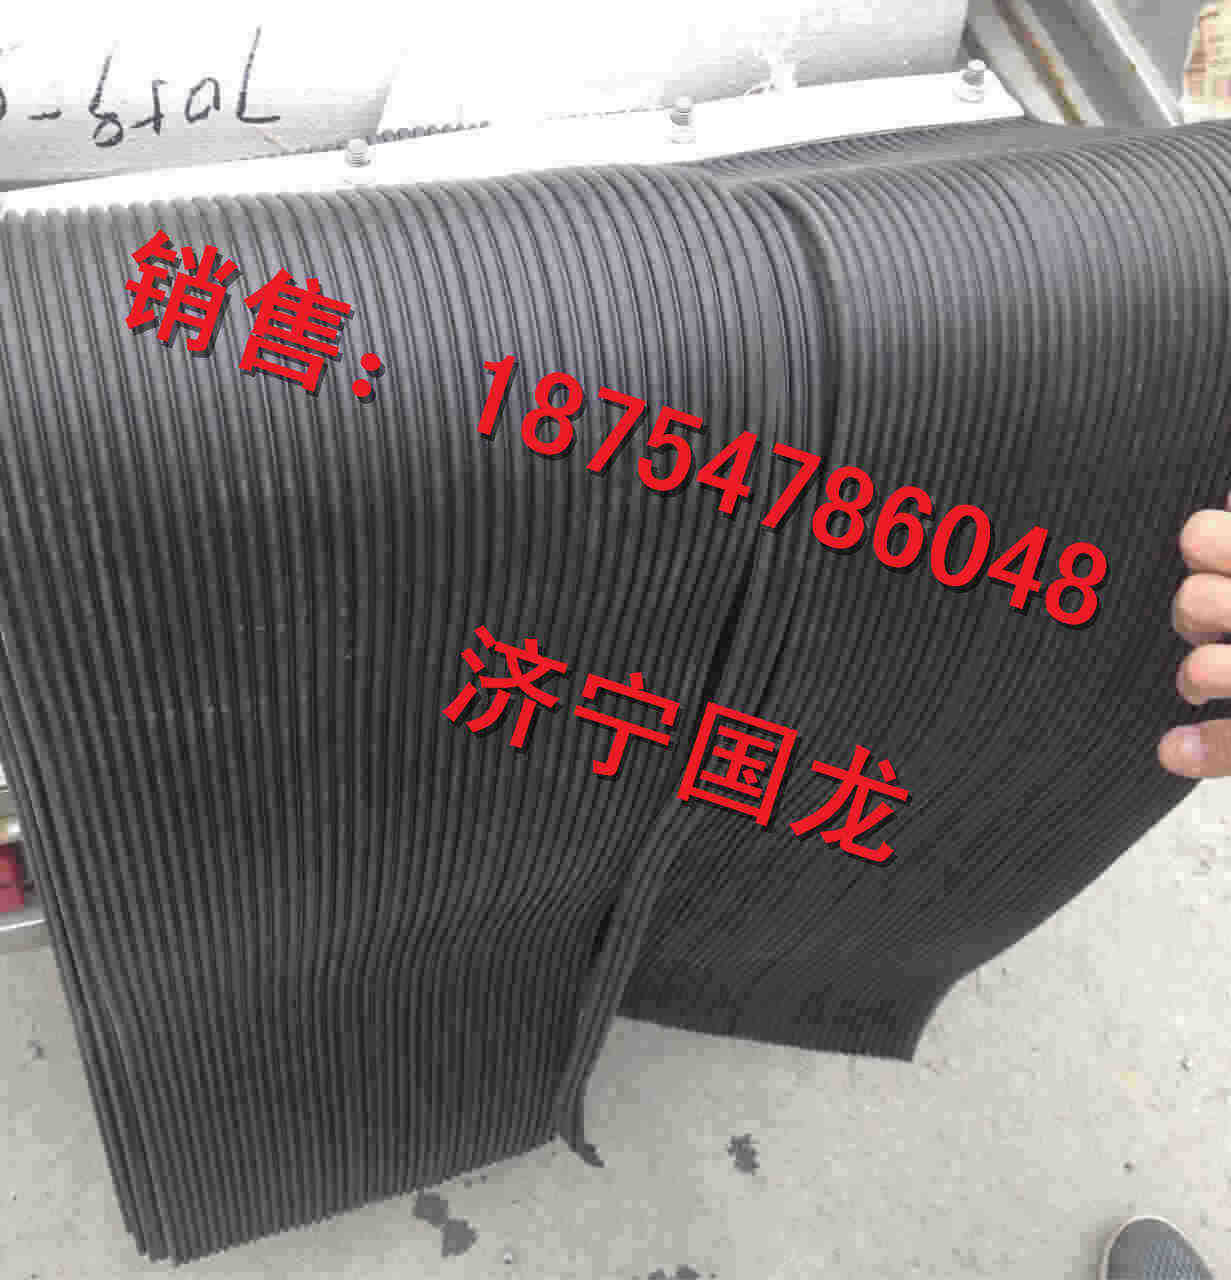 导料槽防尘帘销售区域#160橡胶挡尘帘用途